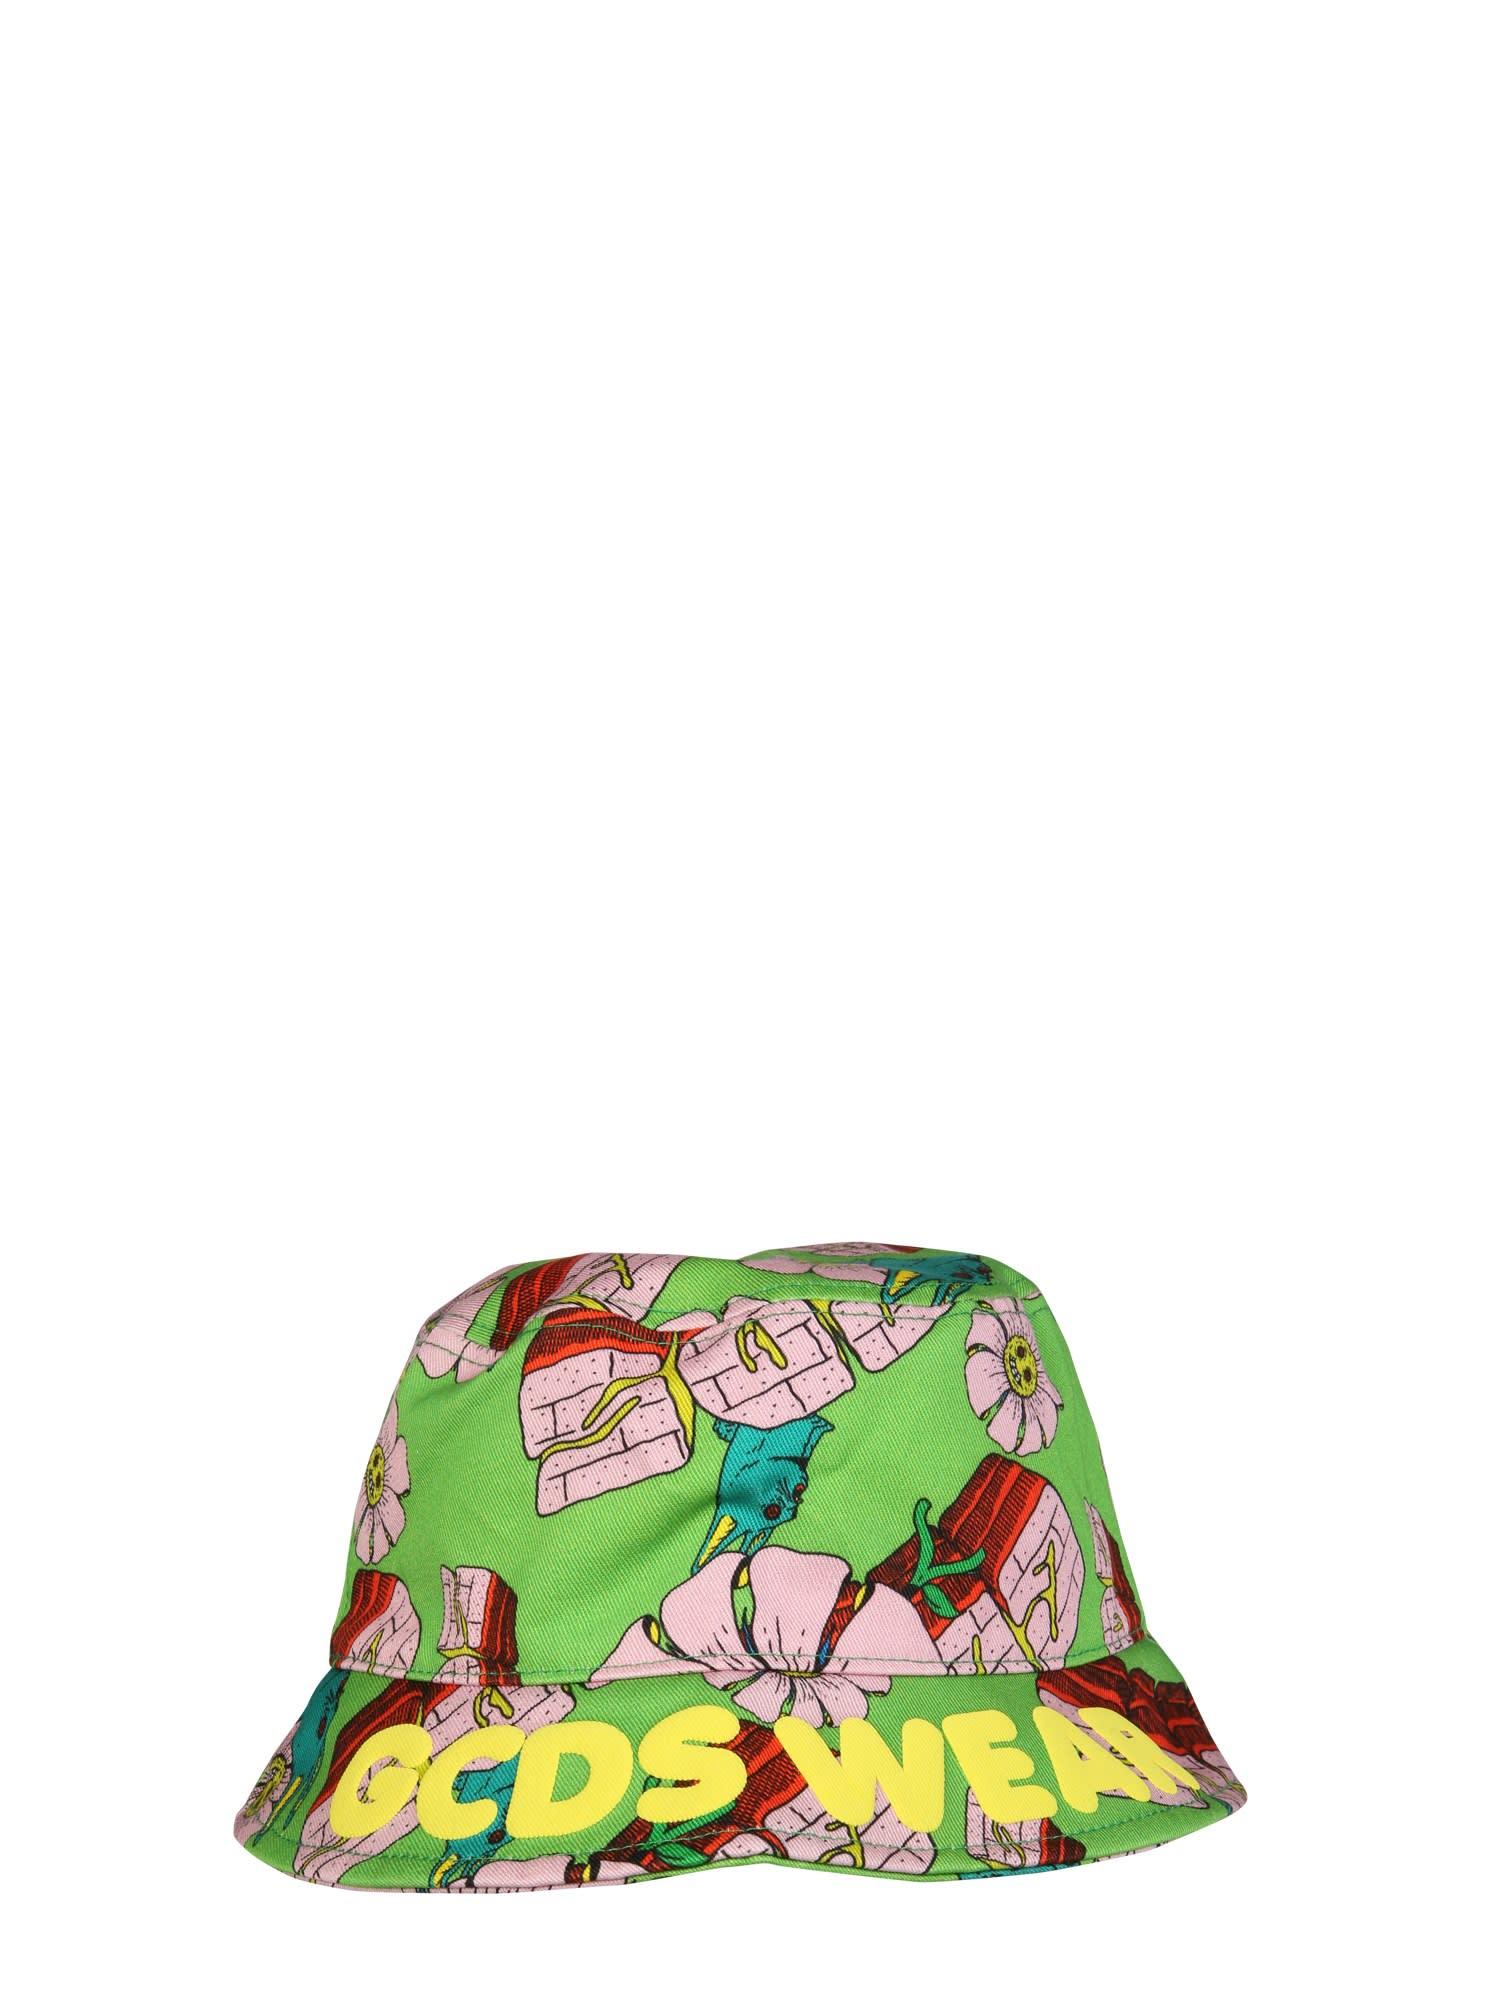 Gcds BUCKET HAT